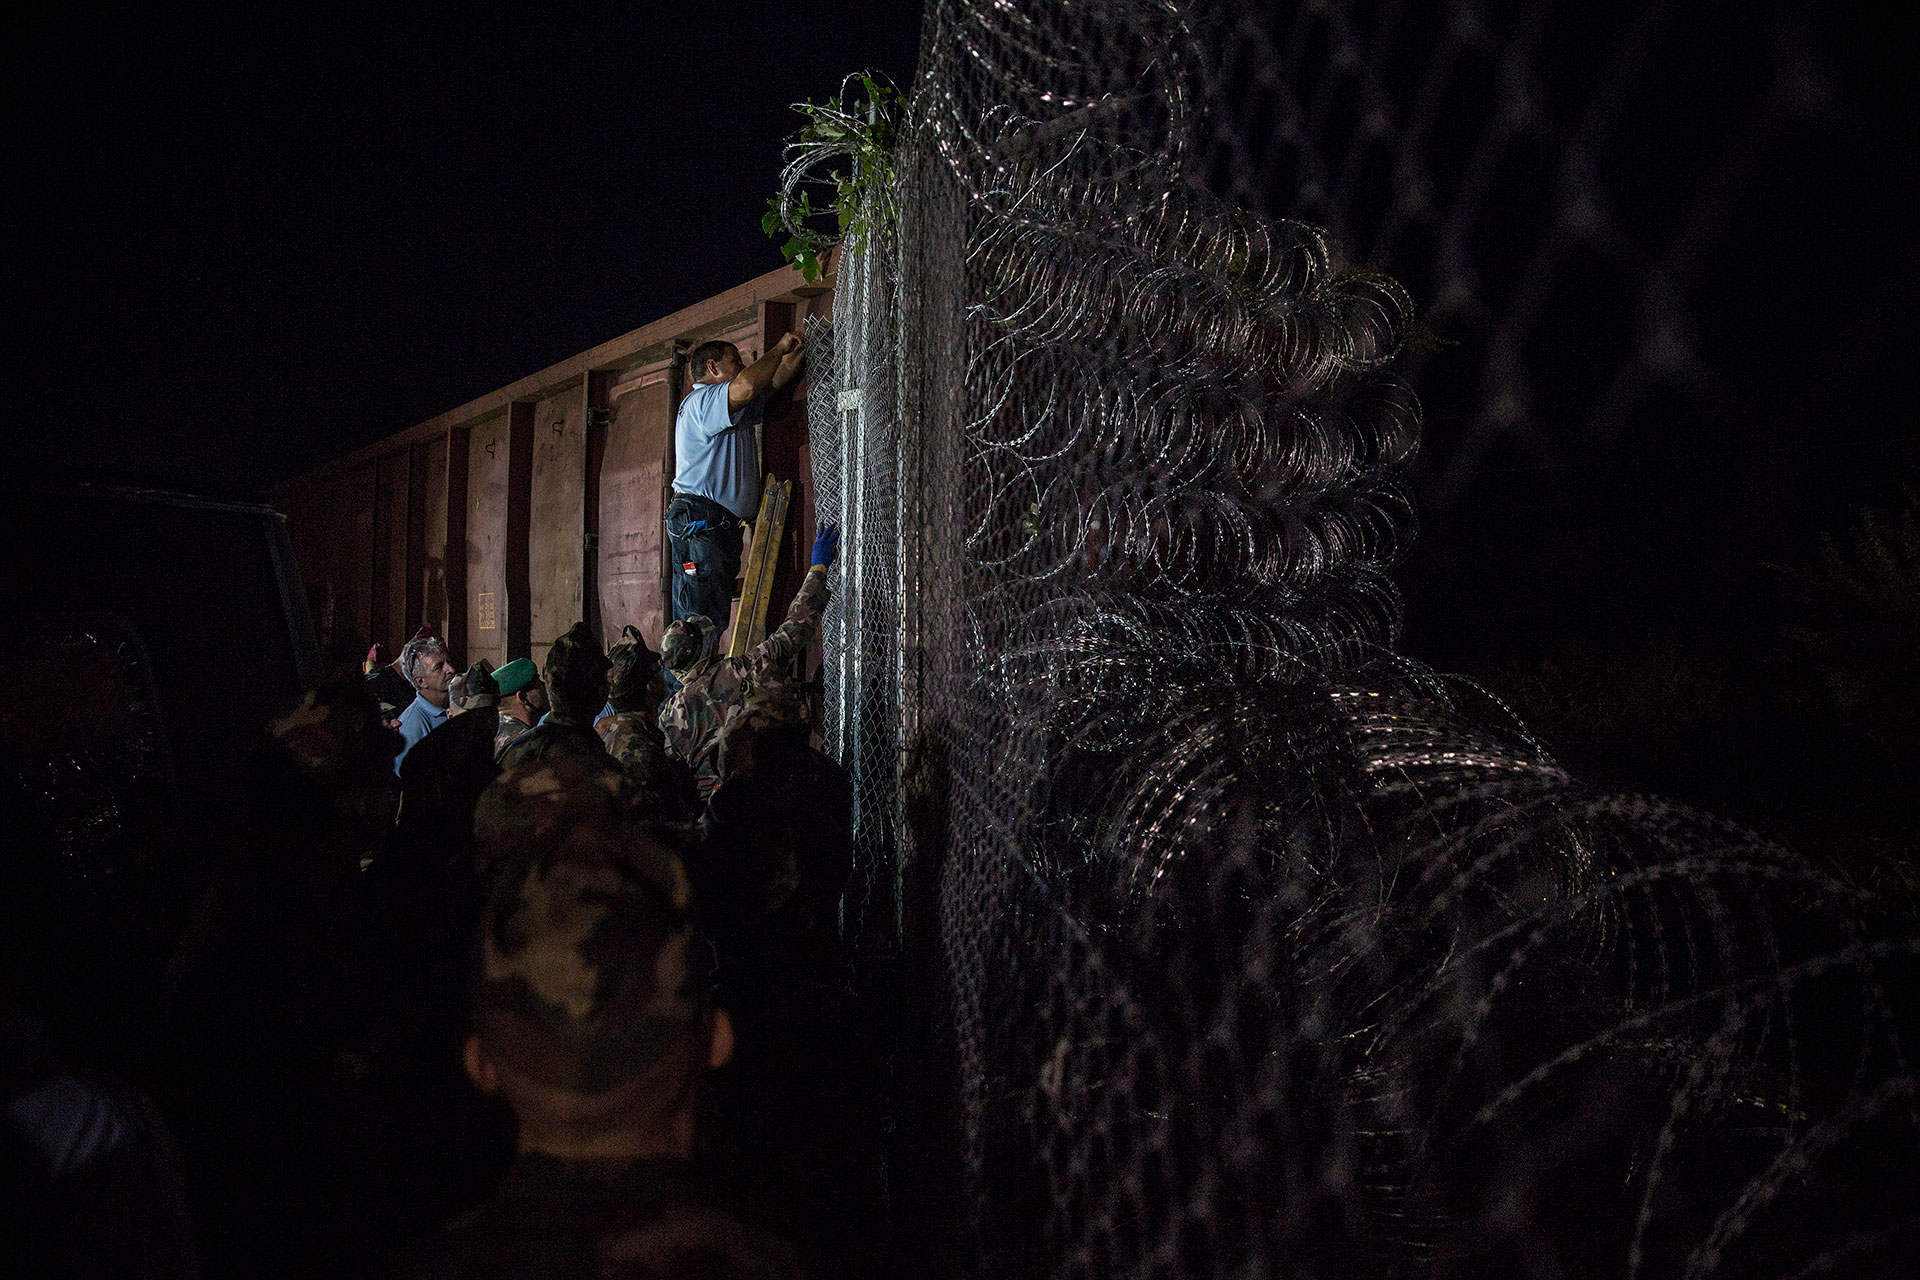 Policías y soldados húngaros terminan de colocar la valla en el paso fronterizo de Roszke, por donde entraban las personas refugiadas al país. (Roszke. Hungría. 14/09/2015).